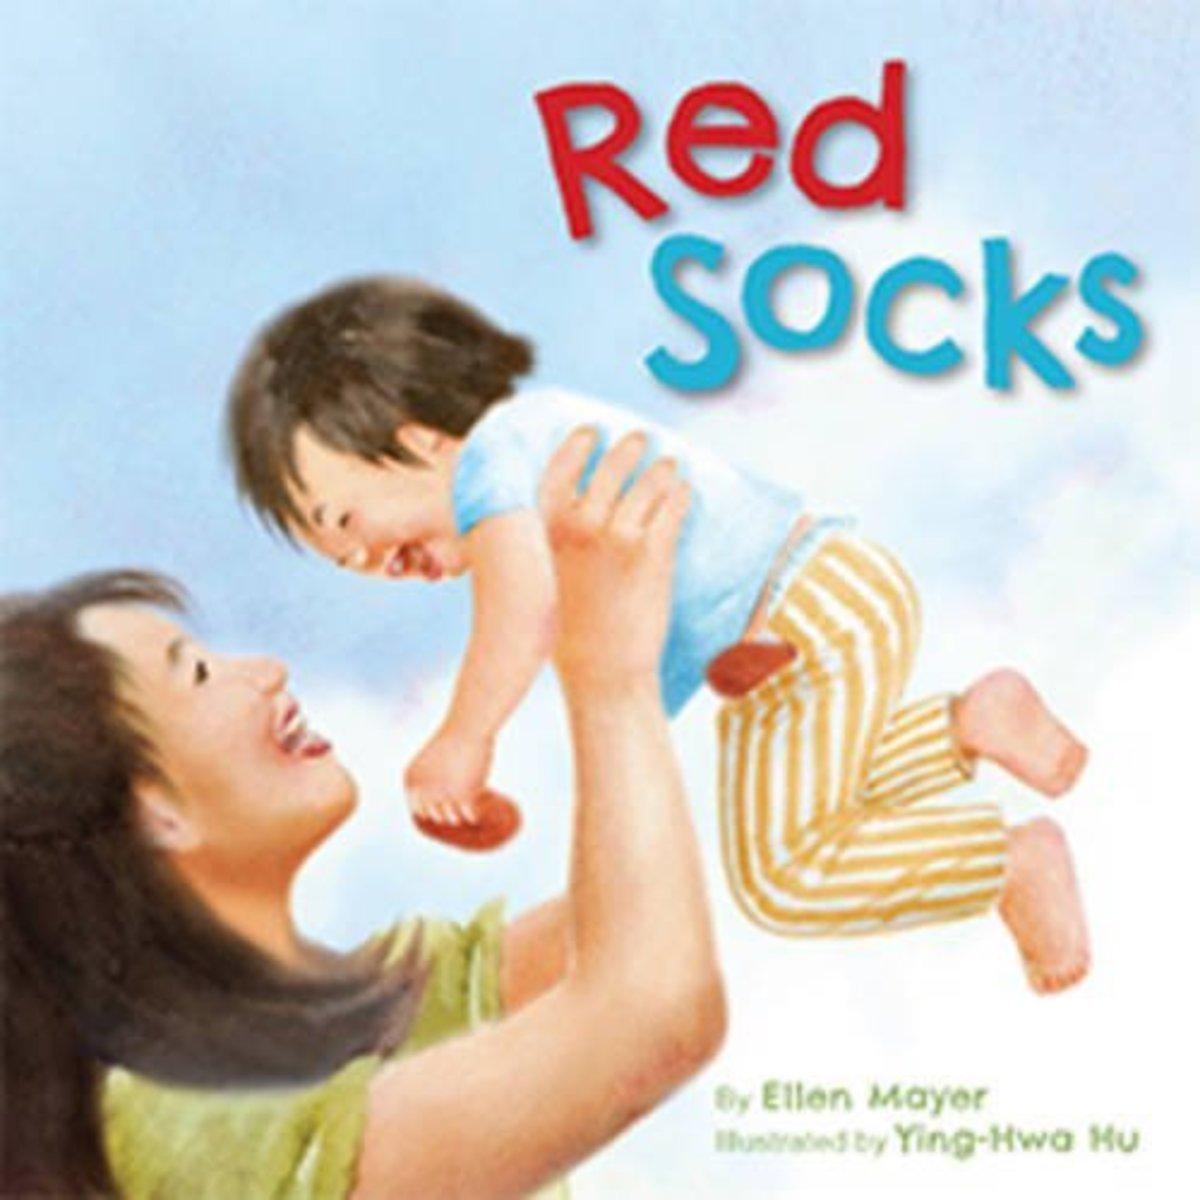 Red Socks by Ellen Mayer